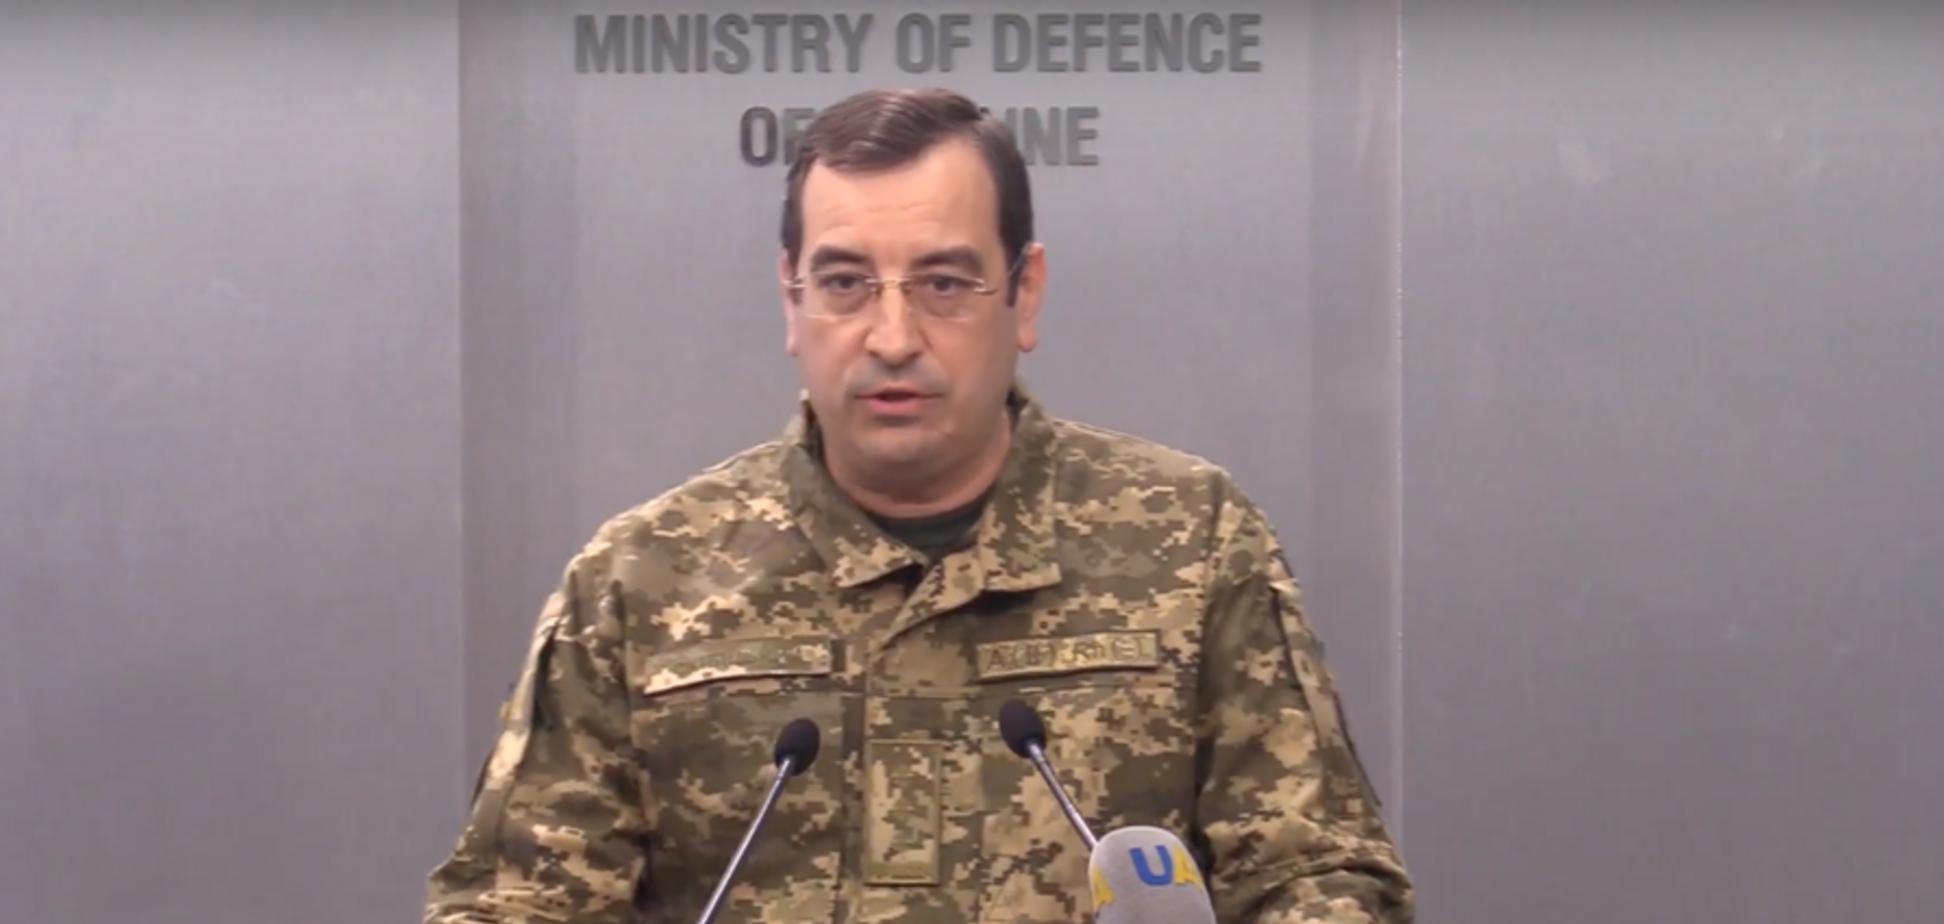 Под угрозой вся Украина: Россия разместила на границе 500 боевых самолетов